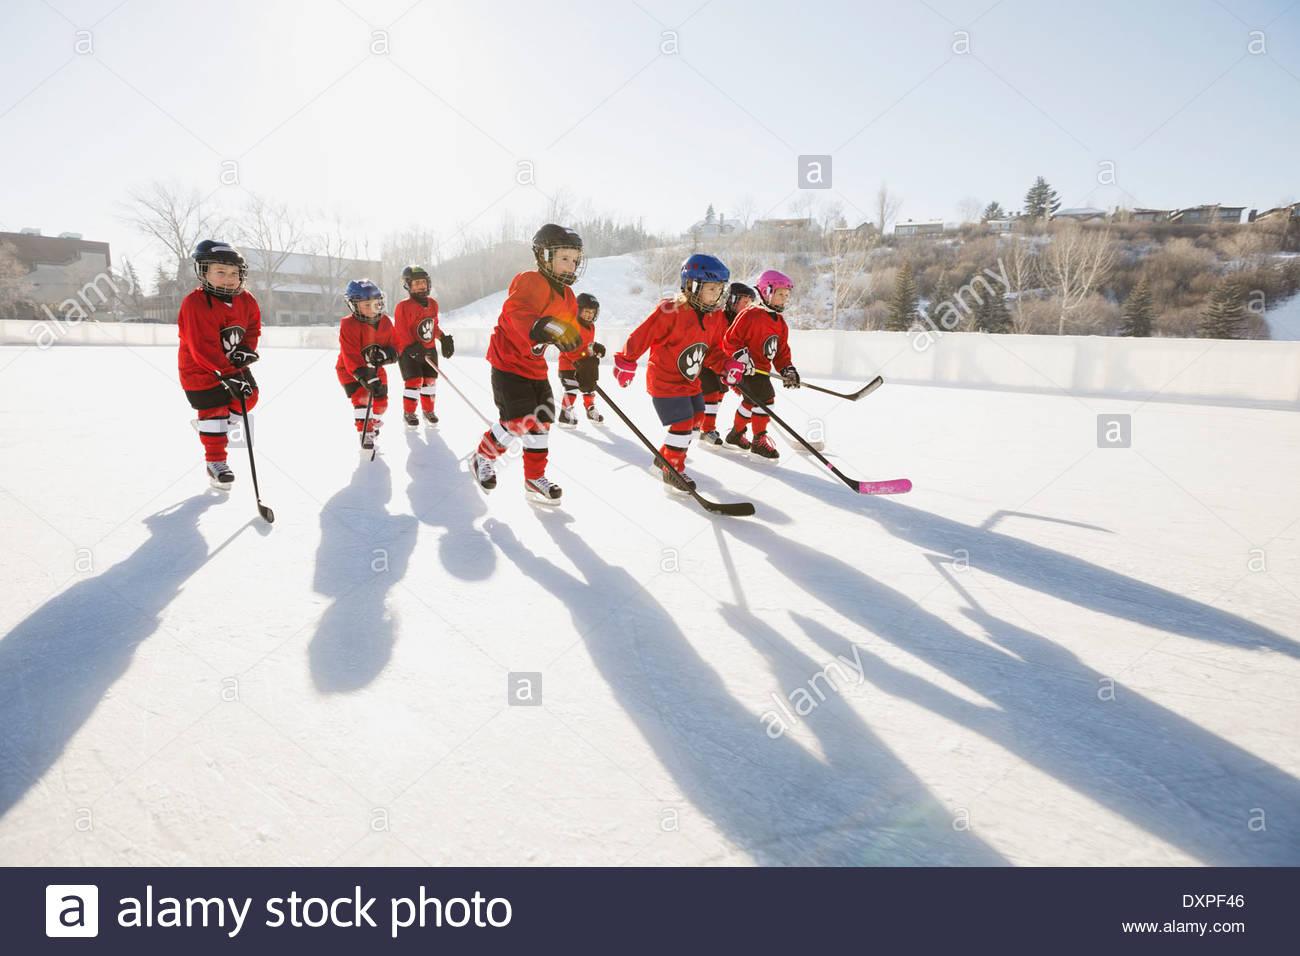 Equipo de hockey sobre hielo patinaje sobre hielo al aire libre Imagen De Stock